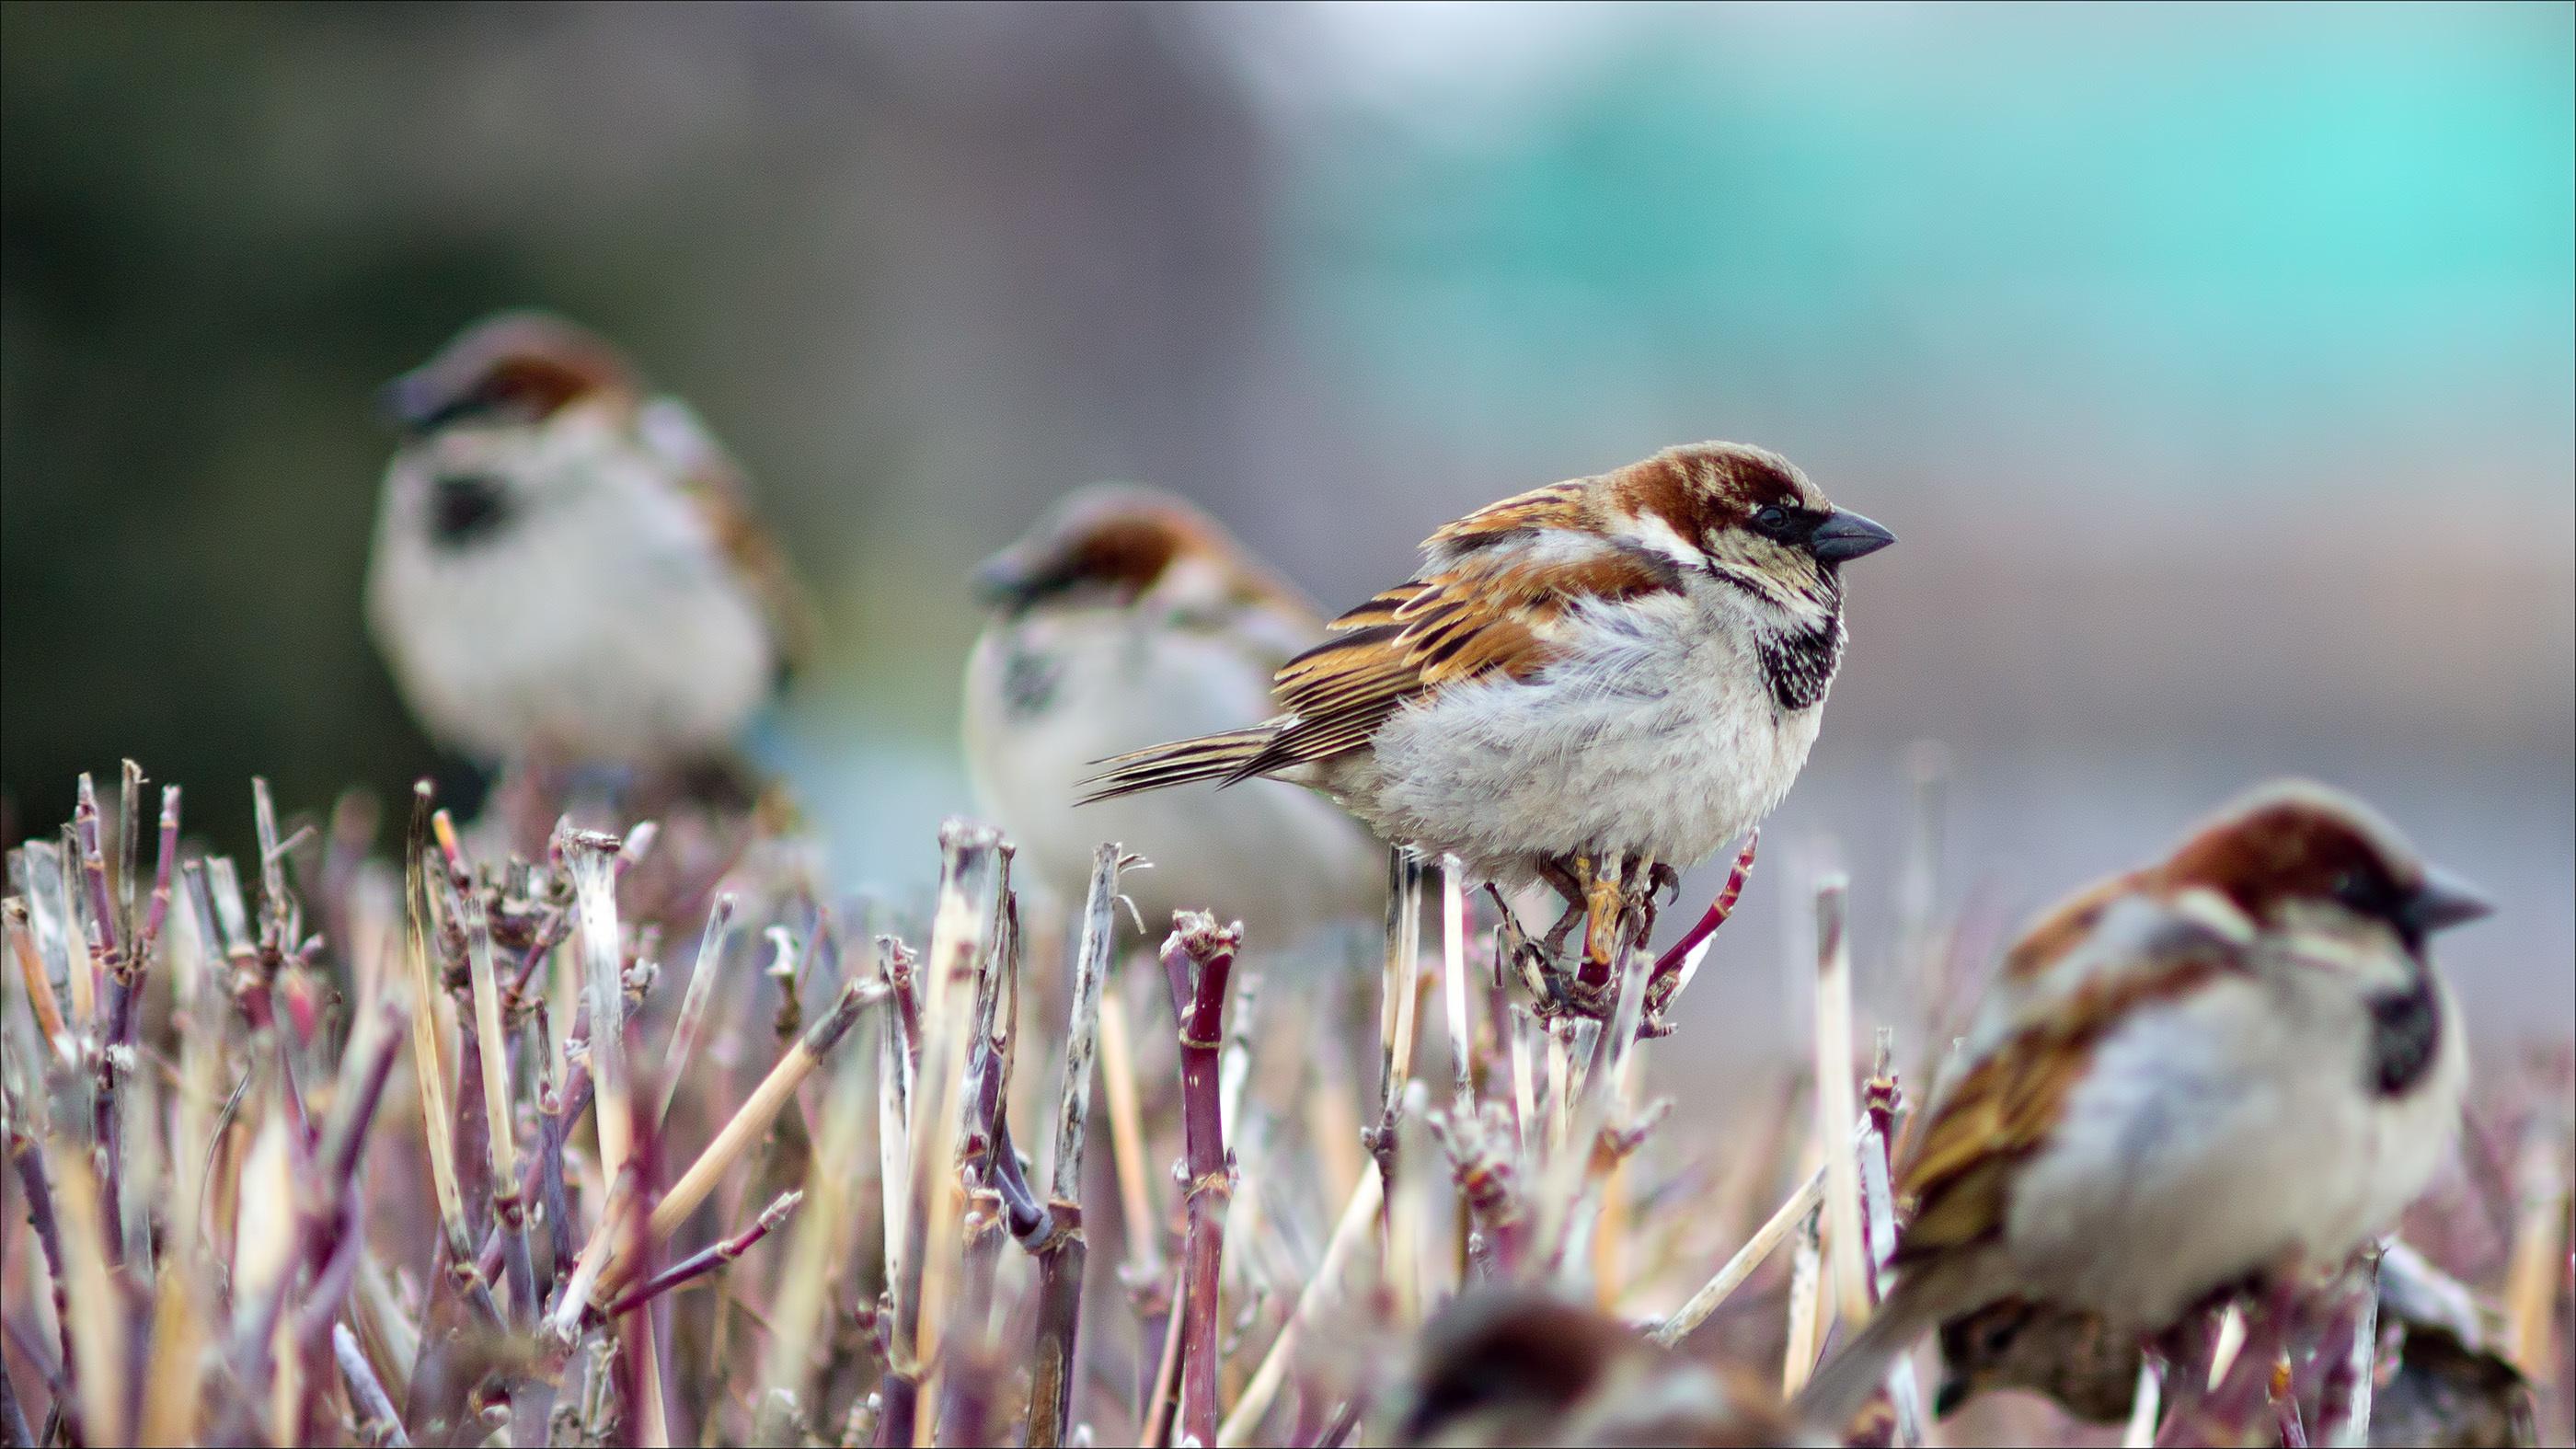 99786 Hintergrundbild herunterladen Tiere, Winterreifen, Vögel, Ast, Zweig, Spatzen - Bildschirmschoner und Bilder kostenlos